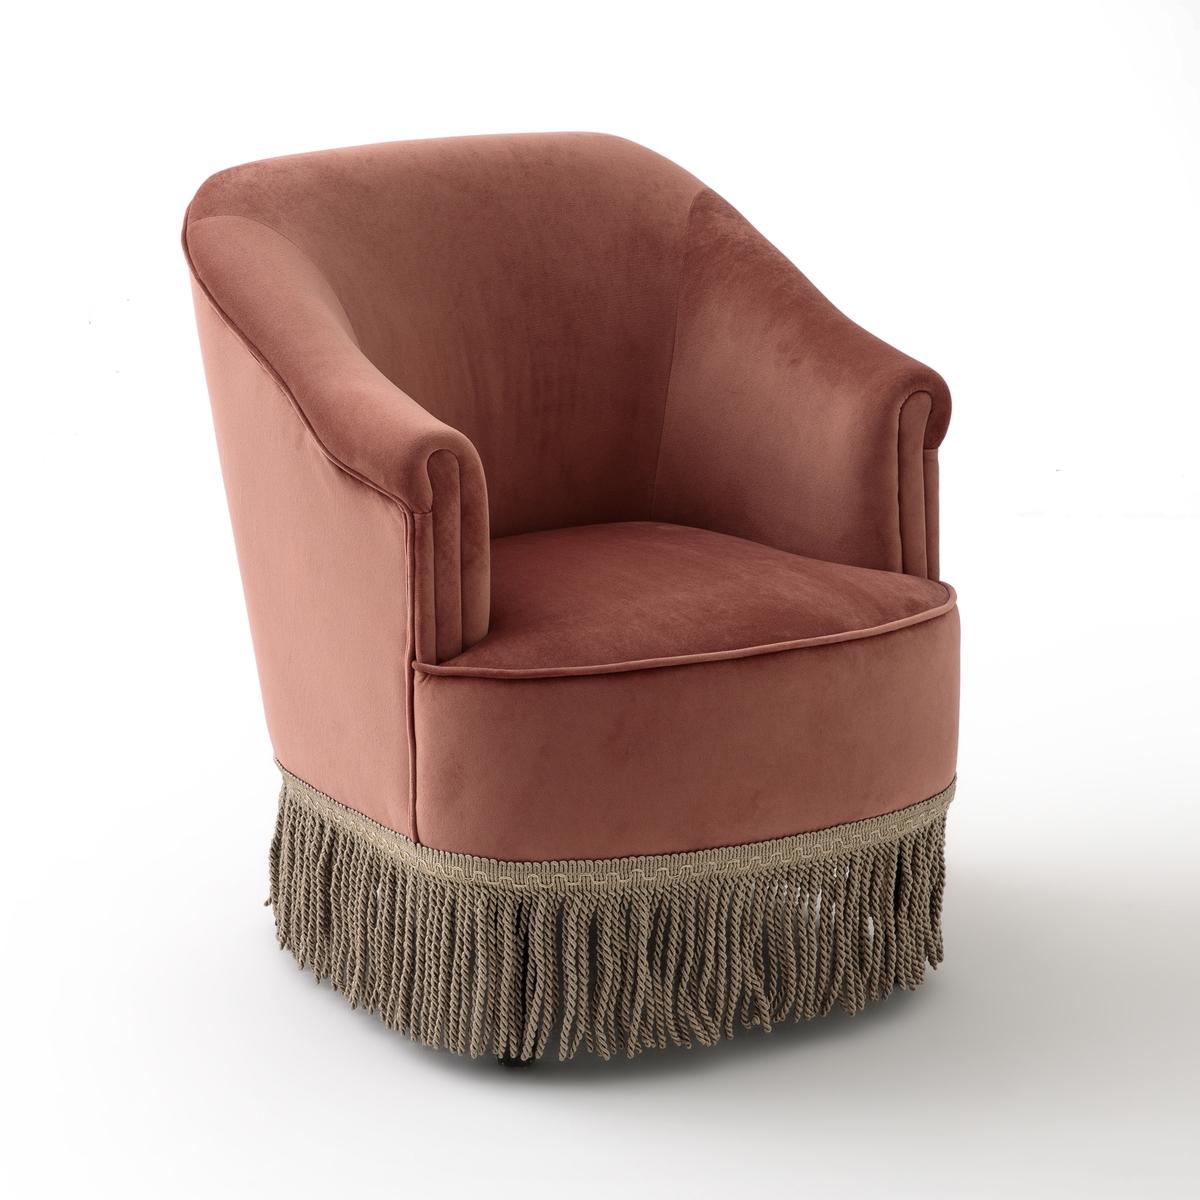 Кресло LaRedoute Низкое и широкое в винтажном стиле из велюра с бахромой RAMONA 1-мест. розовый